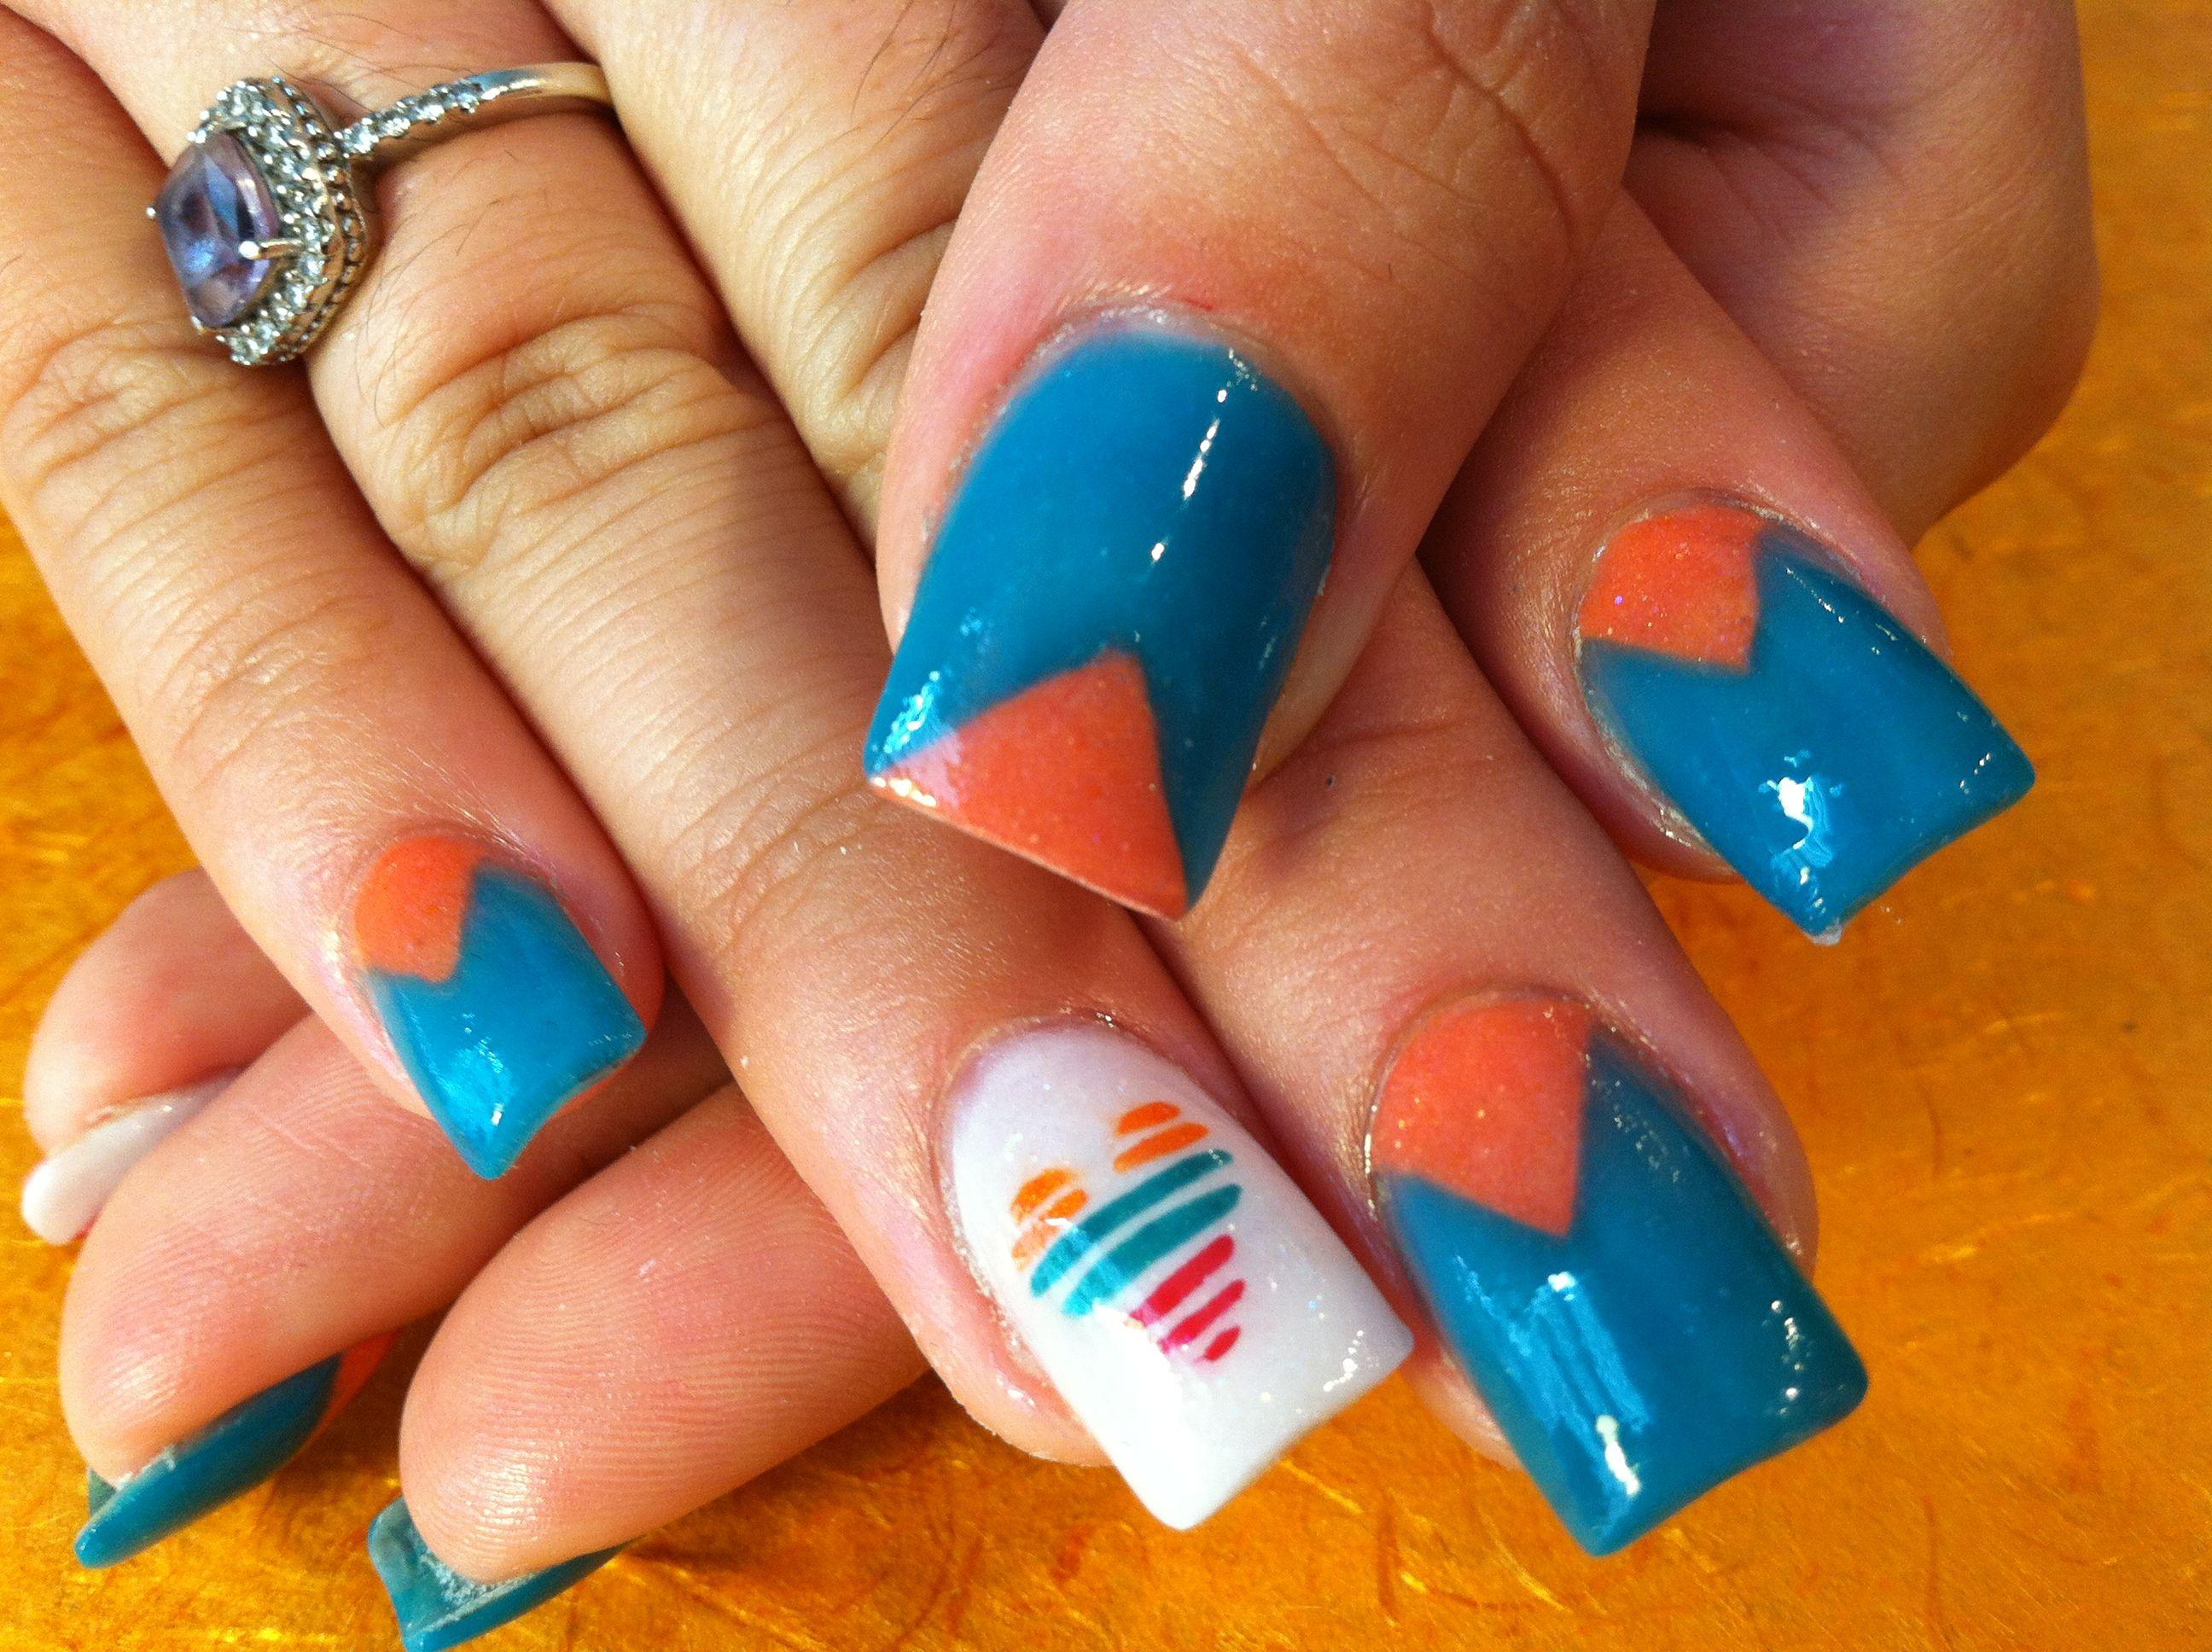 Full Color Acrylic With Nail Design Nail Designs Nails Nail Colors